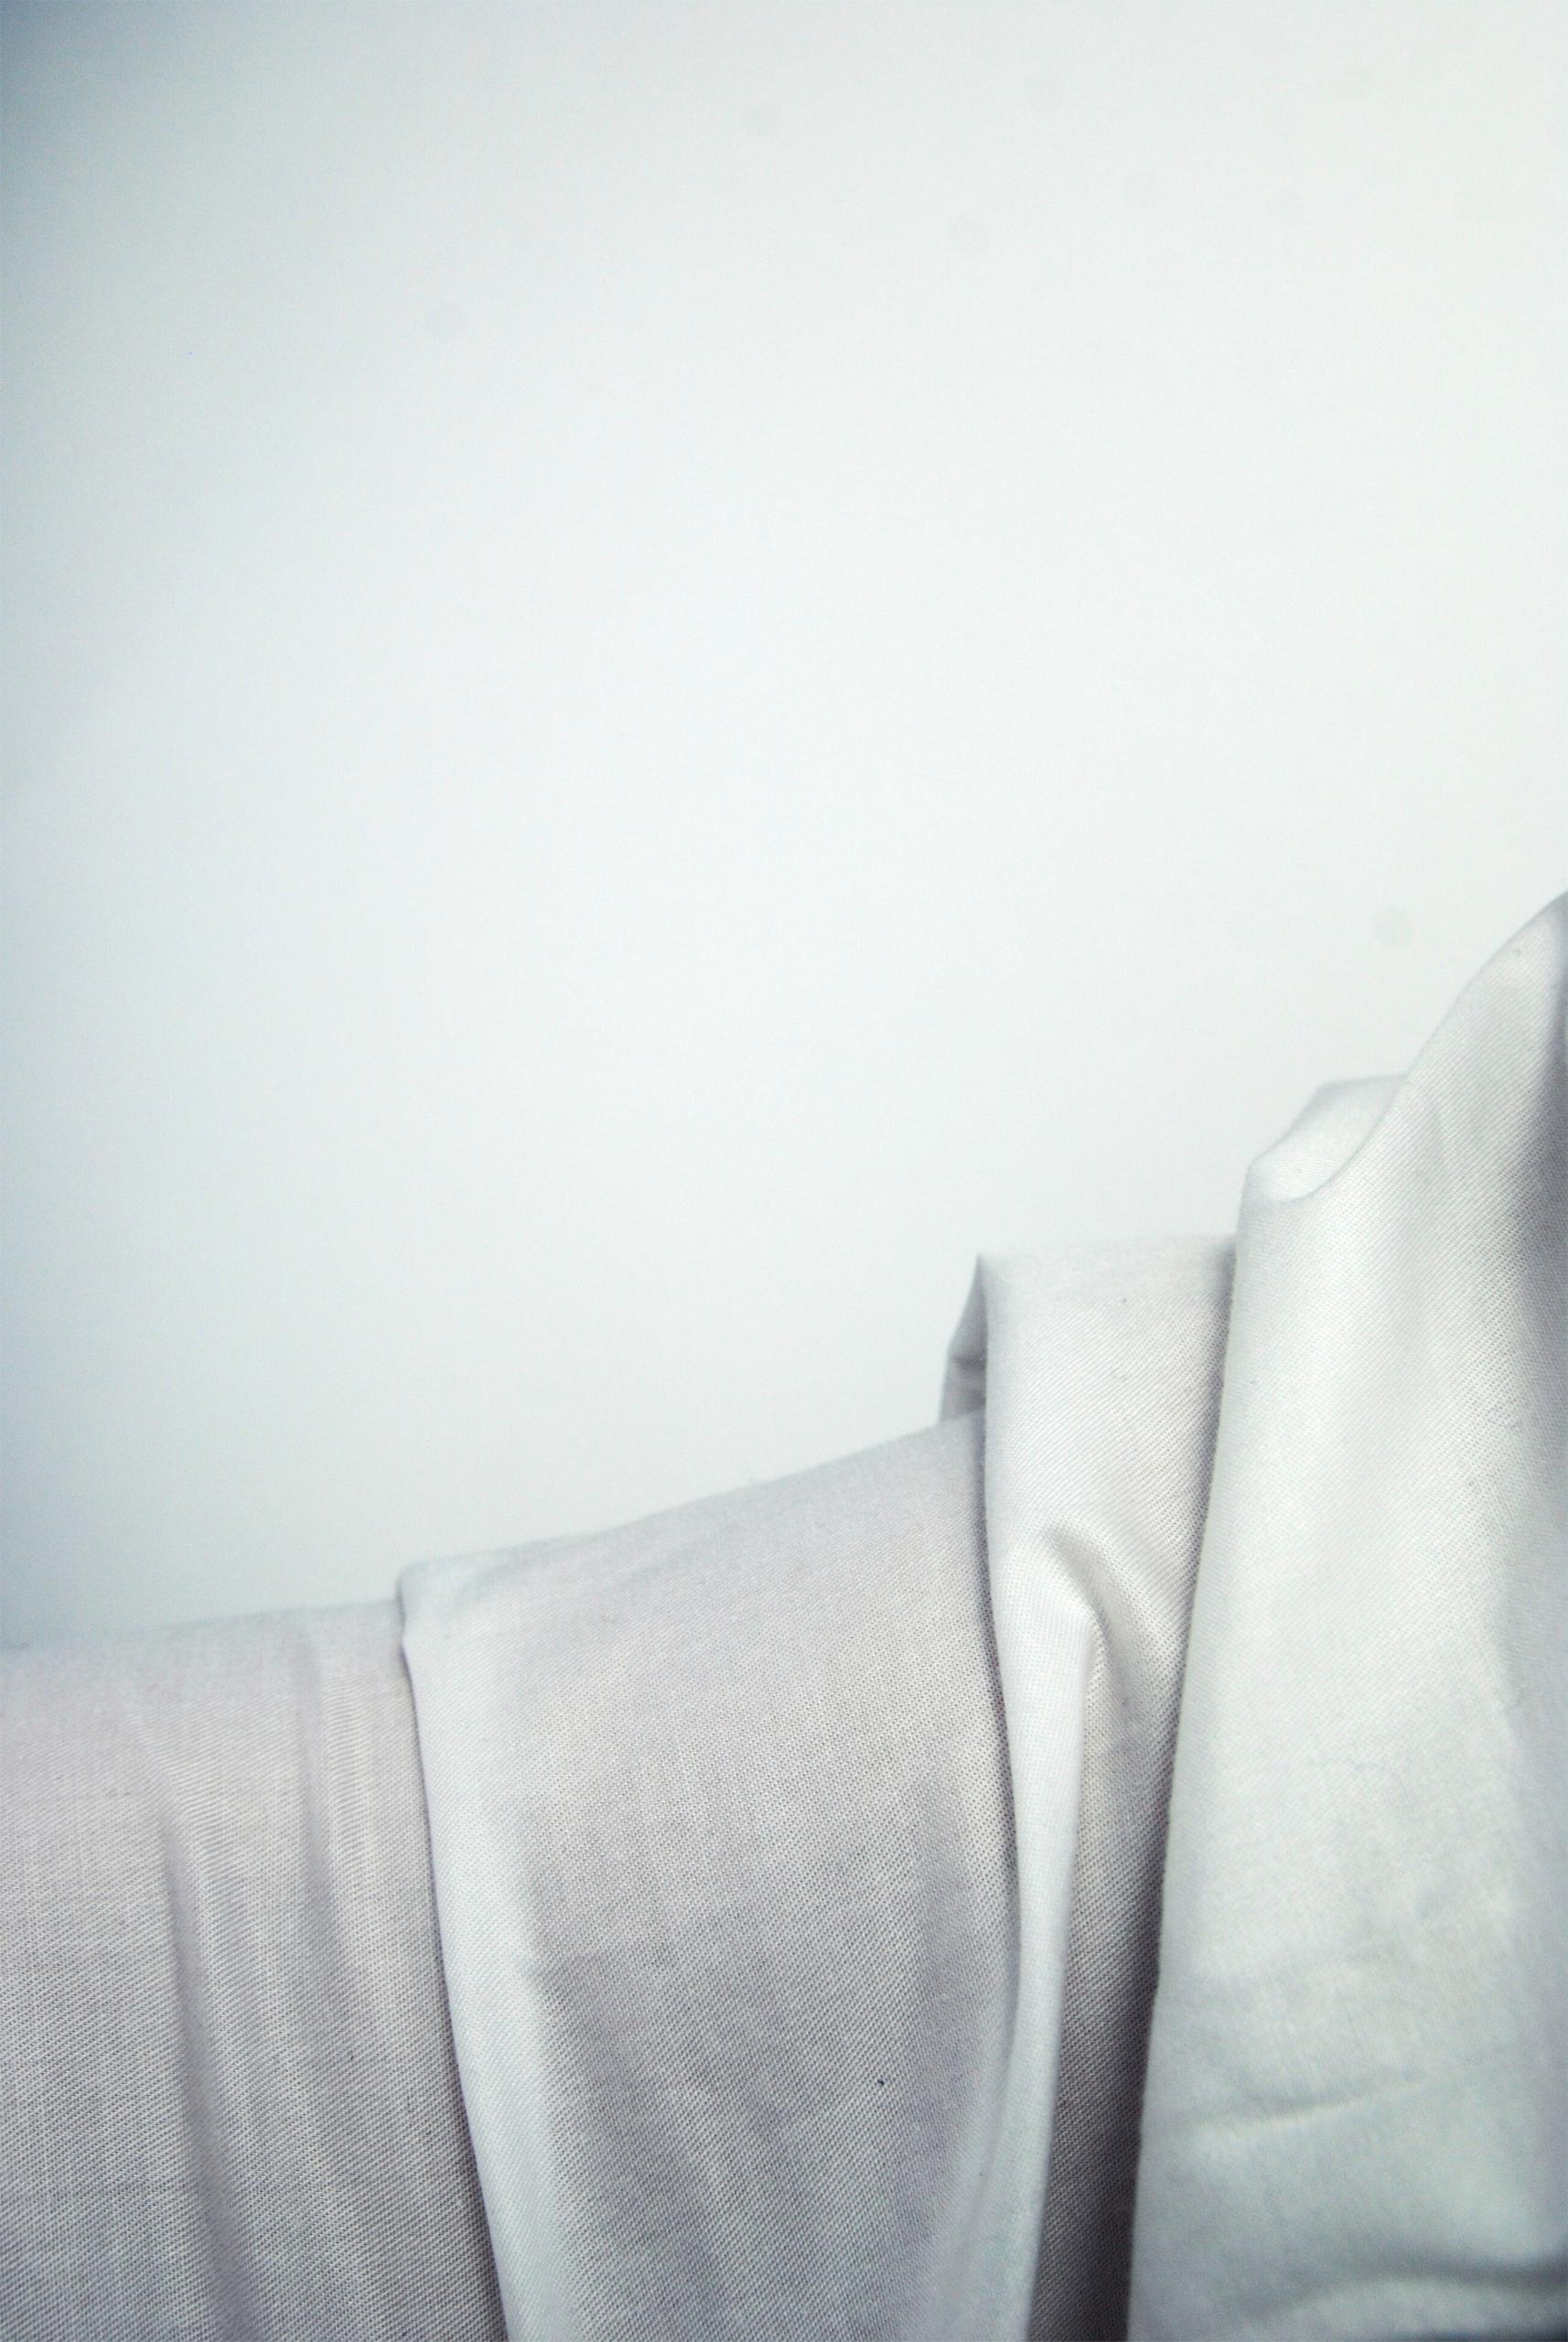 Zdjęcie przedstawia fragment białej tkaniny na białym tle.